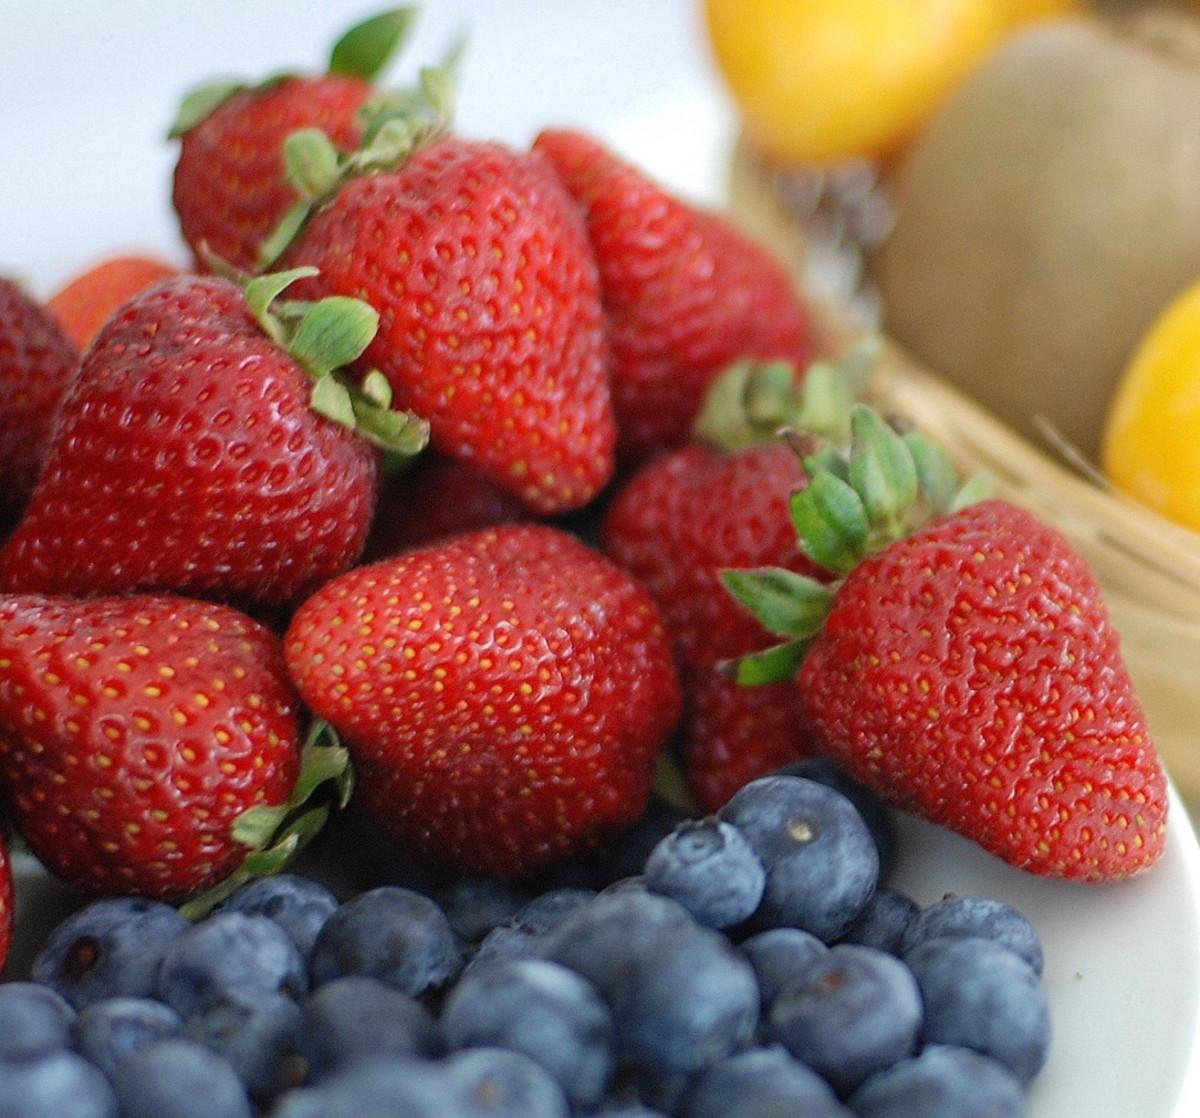 Fresh fruit and yogurt, yum yum.